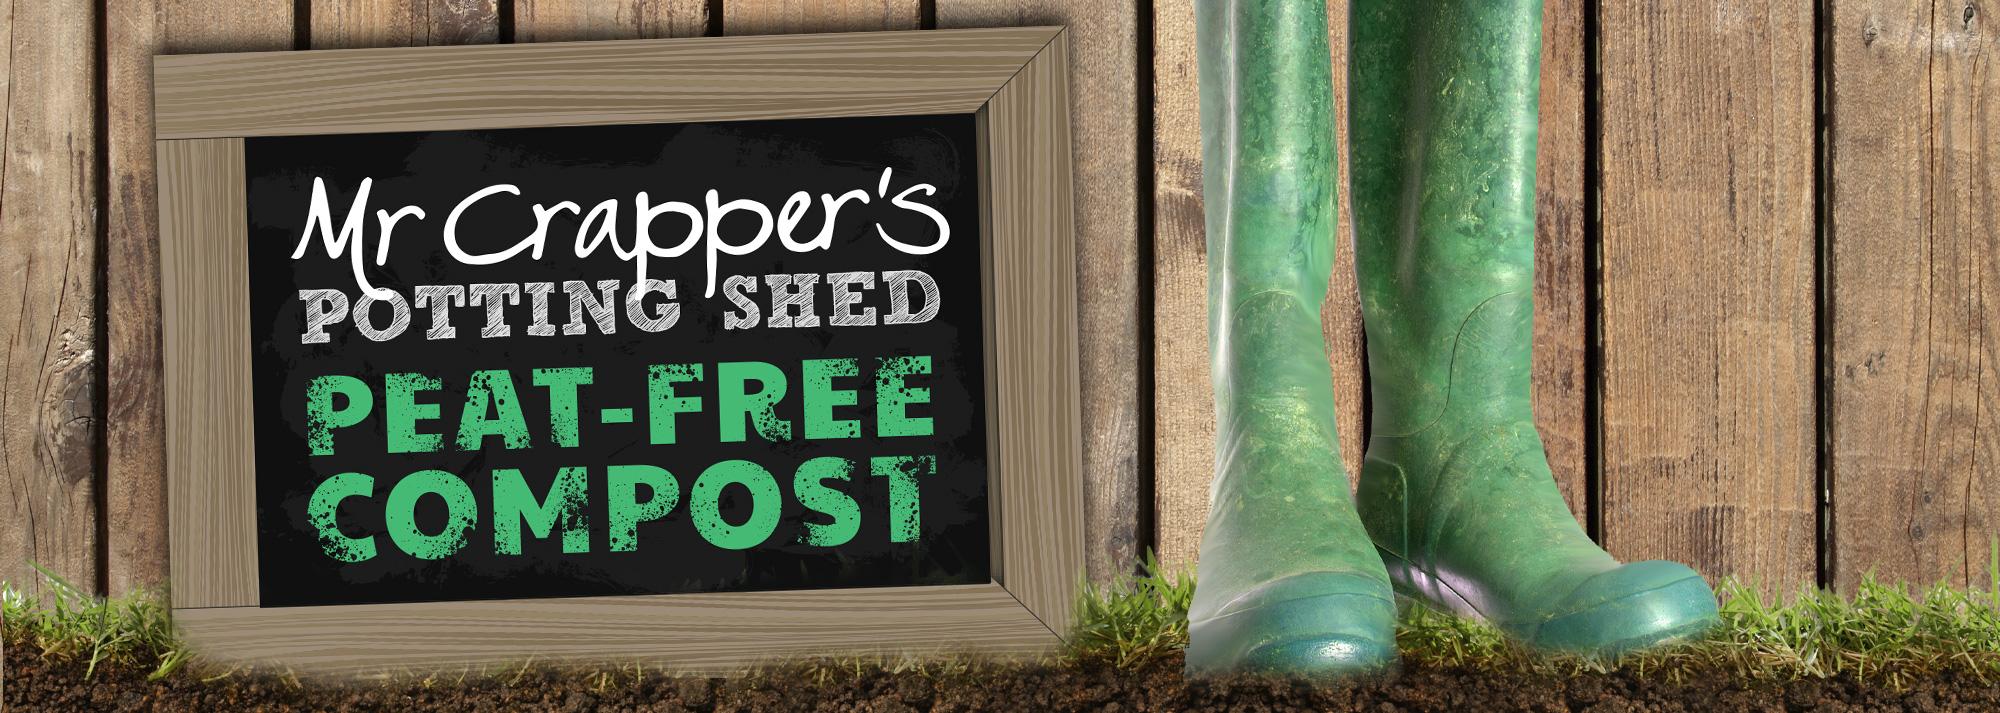 Mr Crapper's Potting Shed Website